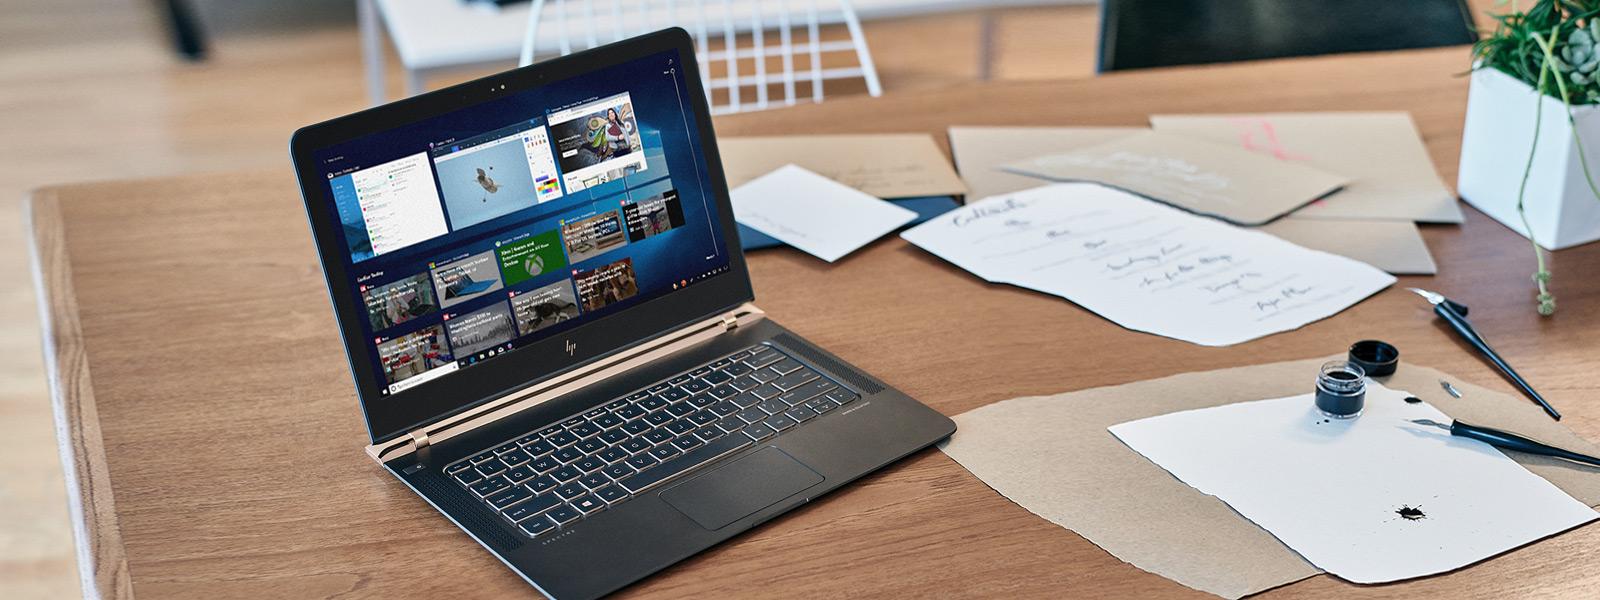 Chronologie Windows affichée sur l'écran d'un ordinateur portable posé sur un bureau